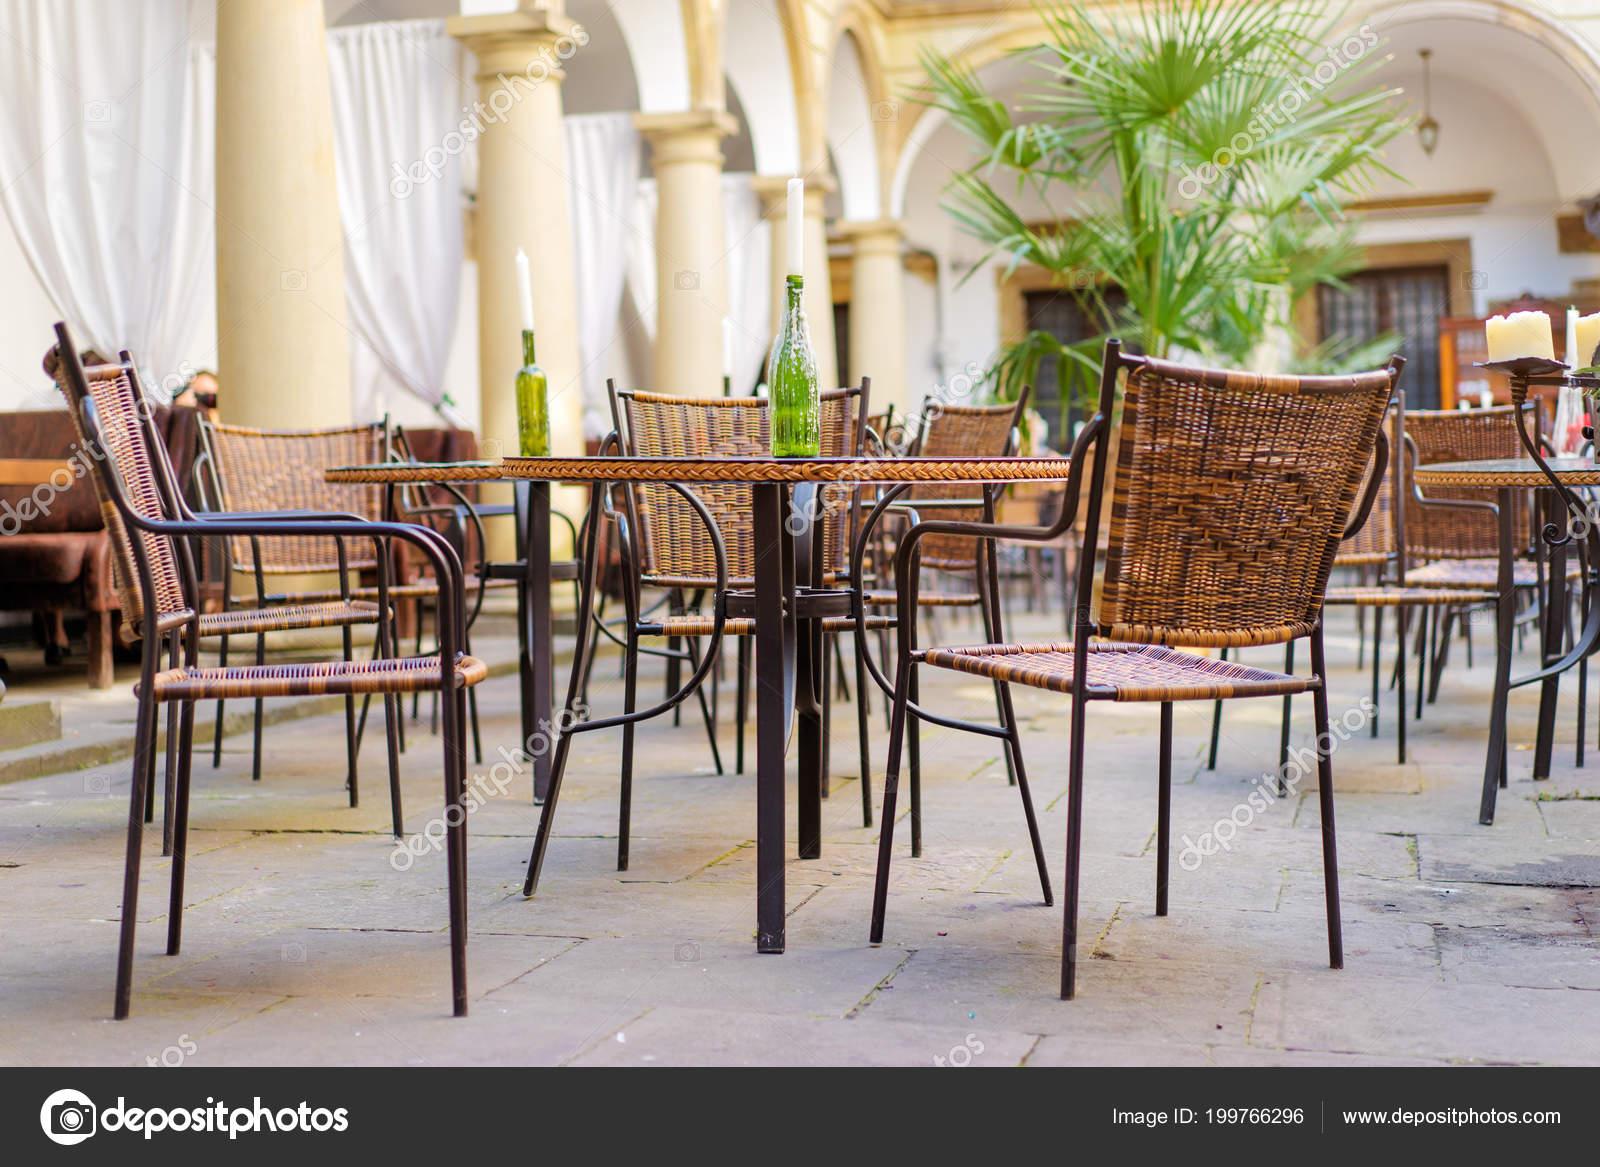 Ristorante Con Terrazza Estiva Vintage Cafè Con Sedie Rattan